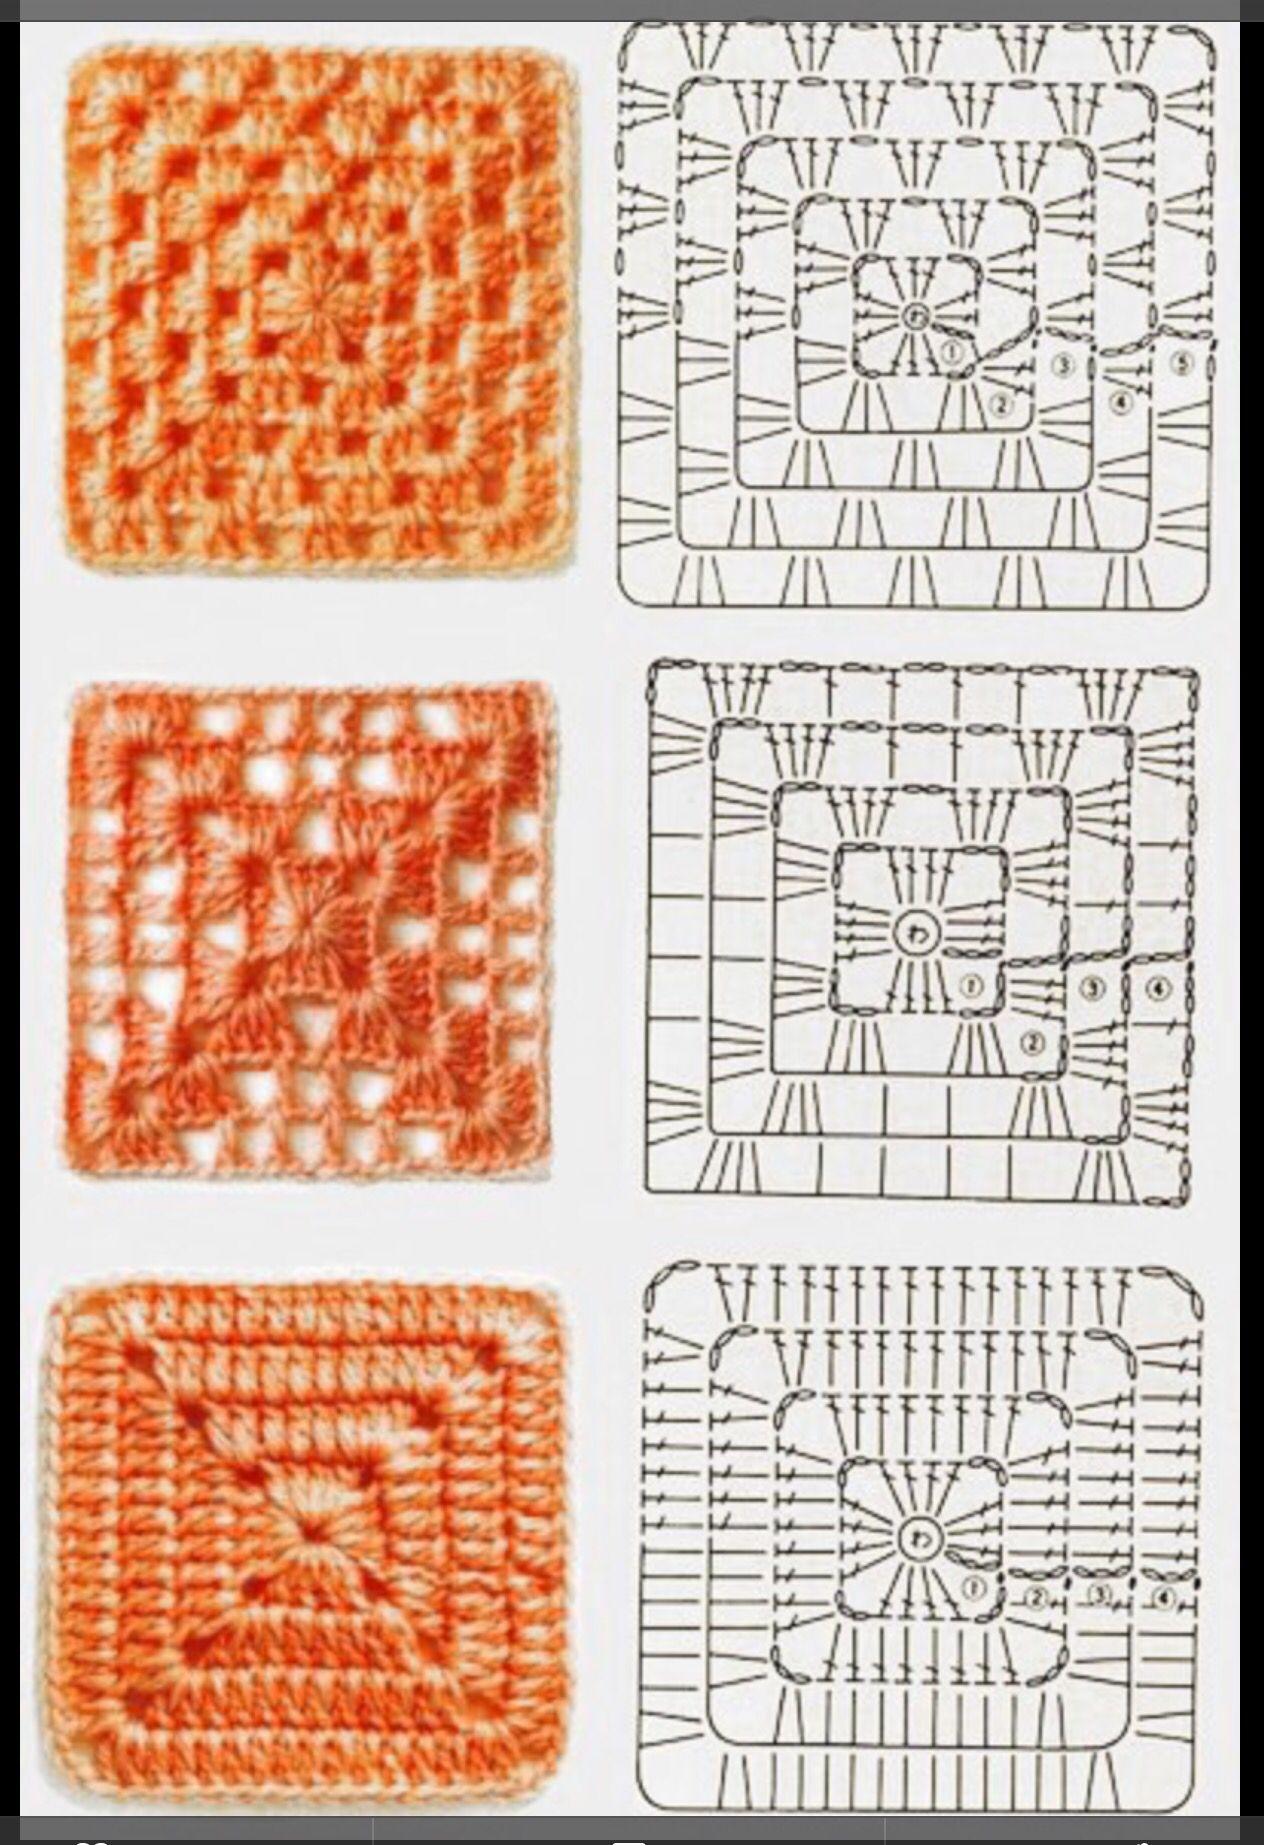 Pin de Miloslav Horak en Hackovani | Pinterest | Croché, Ganchillo y ...